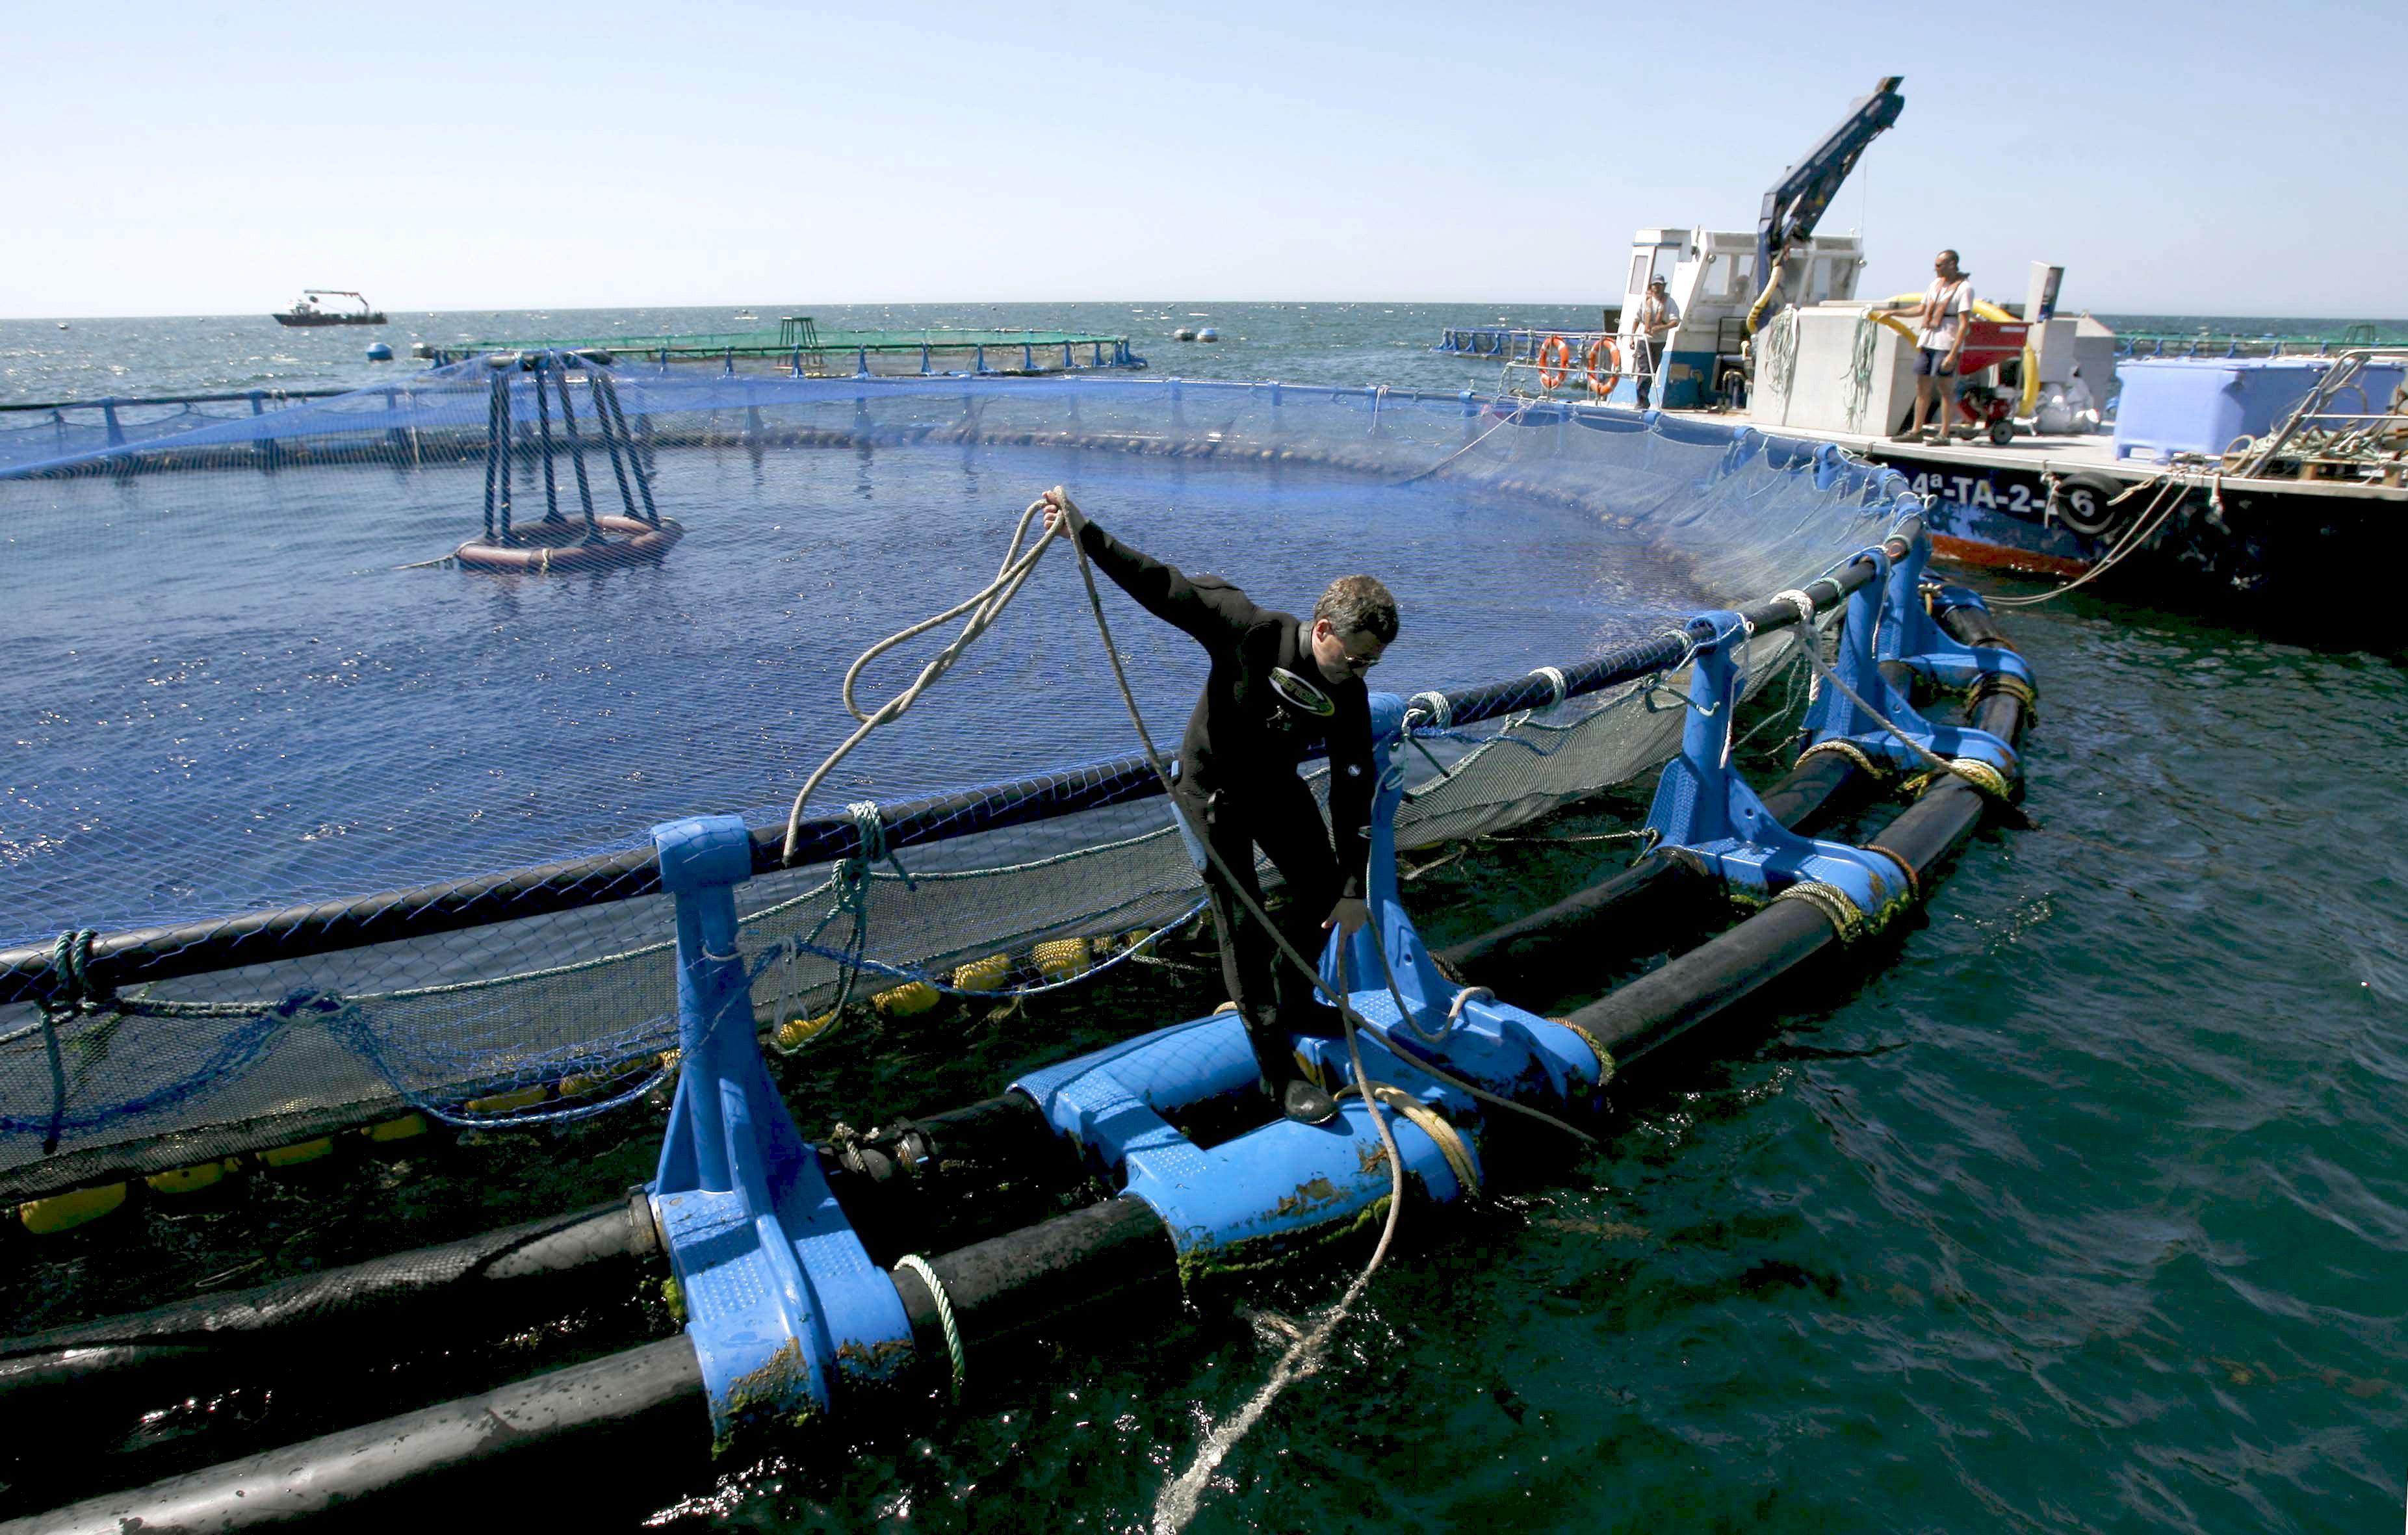 Un hombre trabaja en unas instalaciones marinas de cultivo de lubinas frente a la costa malagueña. / efe